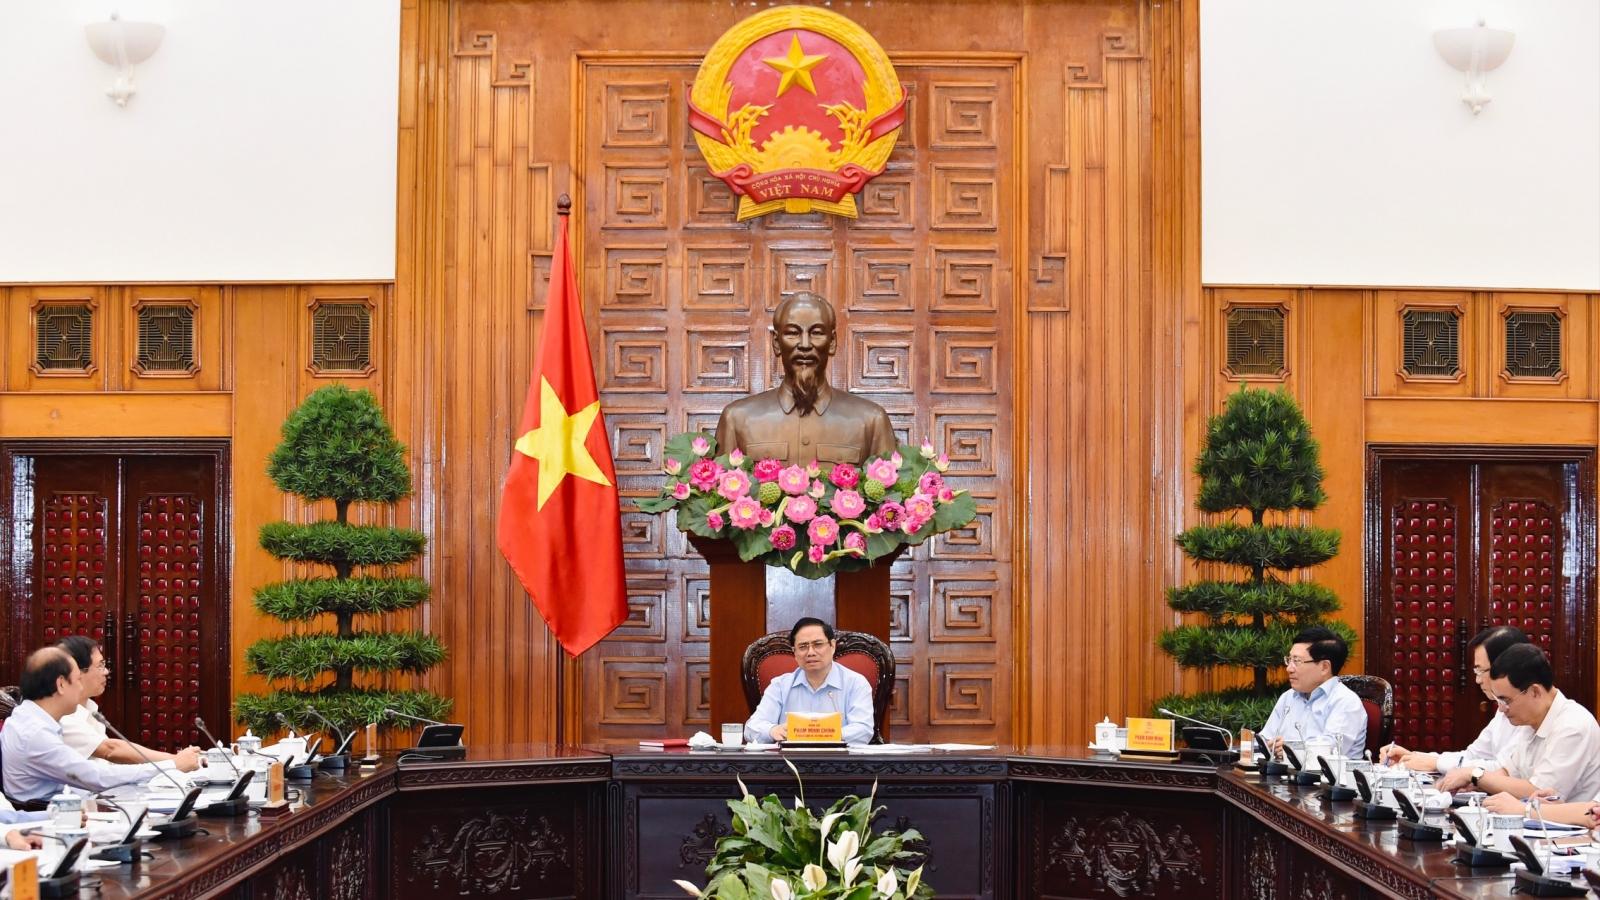 Thủ tướng Phạm Minh Chính: Ngành Ngoại giao cần chủ động, nhạy bén, sáng tạo